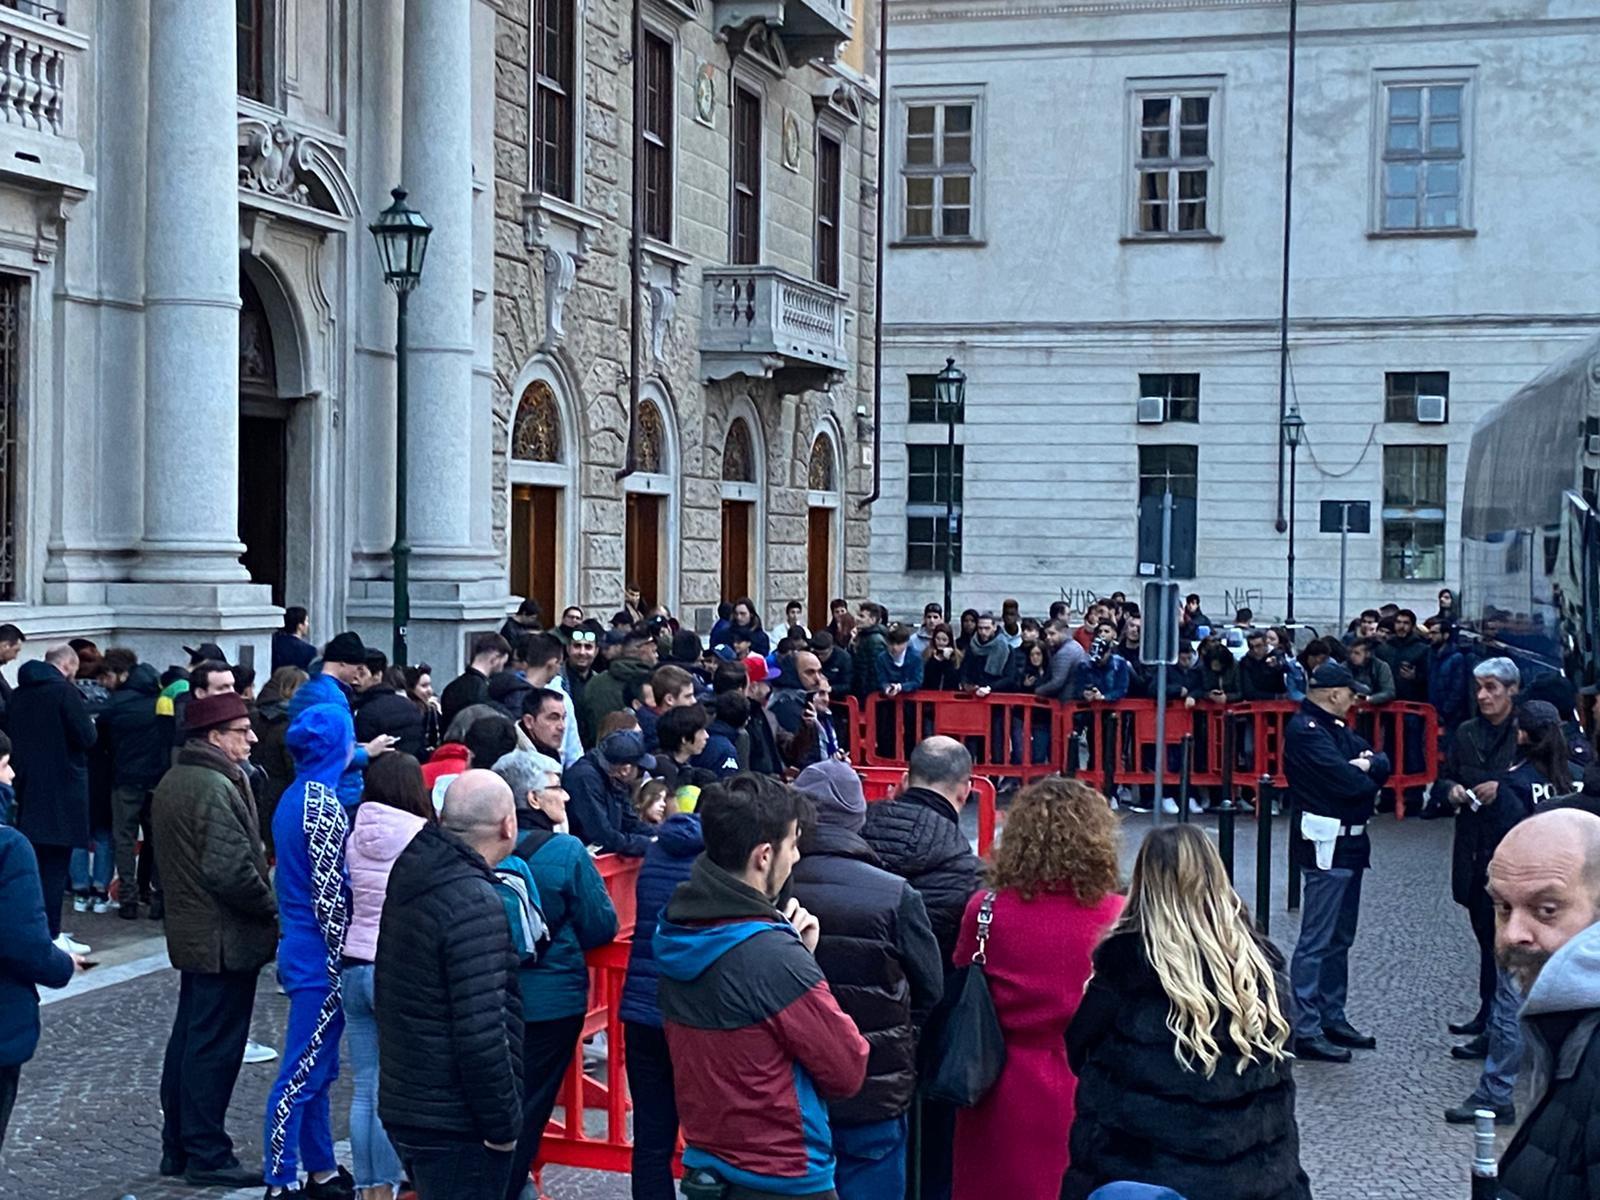 Juventus-Inter a porte chiuse e lo Stadium si attrezza con gli appositi termoscanner per rilevare la temperatura corporea di chi &egrave; potuto entrare nell&#39;impianto. Tutte misure di precauzione per il coronavirus, cosa invece non fatta dai tifosi che si sono radunati in buon numero sotto l&#39;hotel dell&#39;Inter&nbsp;a Torino prima della partenza della squadra verso lo stadio.<br /><br />